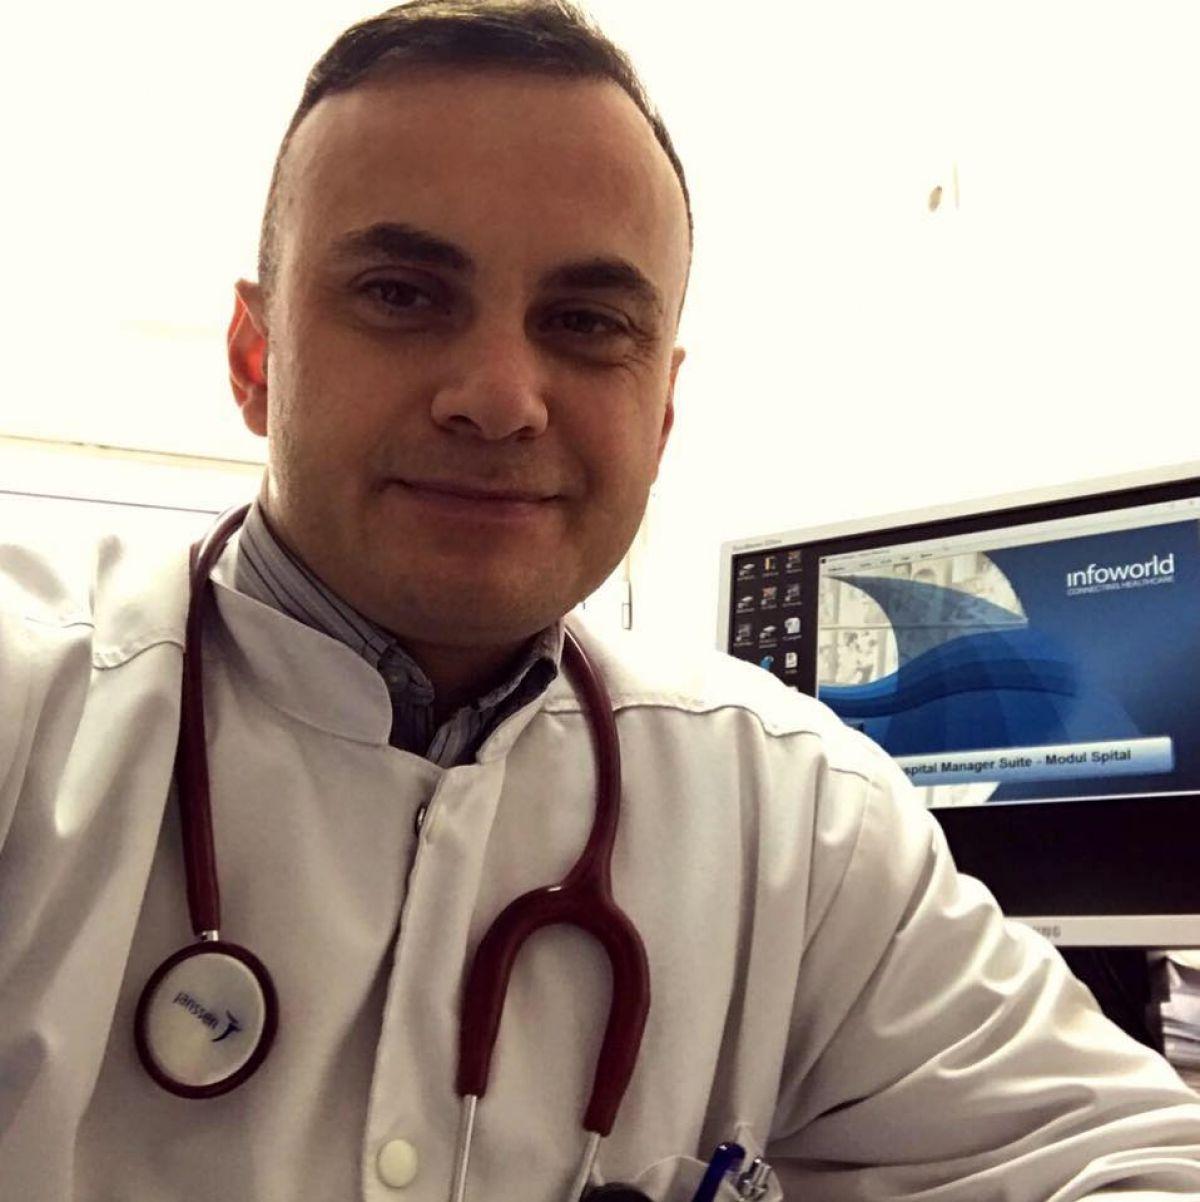 România, în valul 4 Covid-19. Dr. Marinescu, avertisment pentru tineri: Nu e o garanţie că vor avea mereu forme uşoare